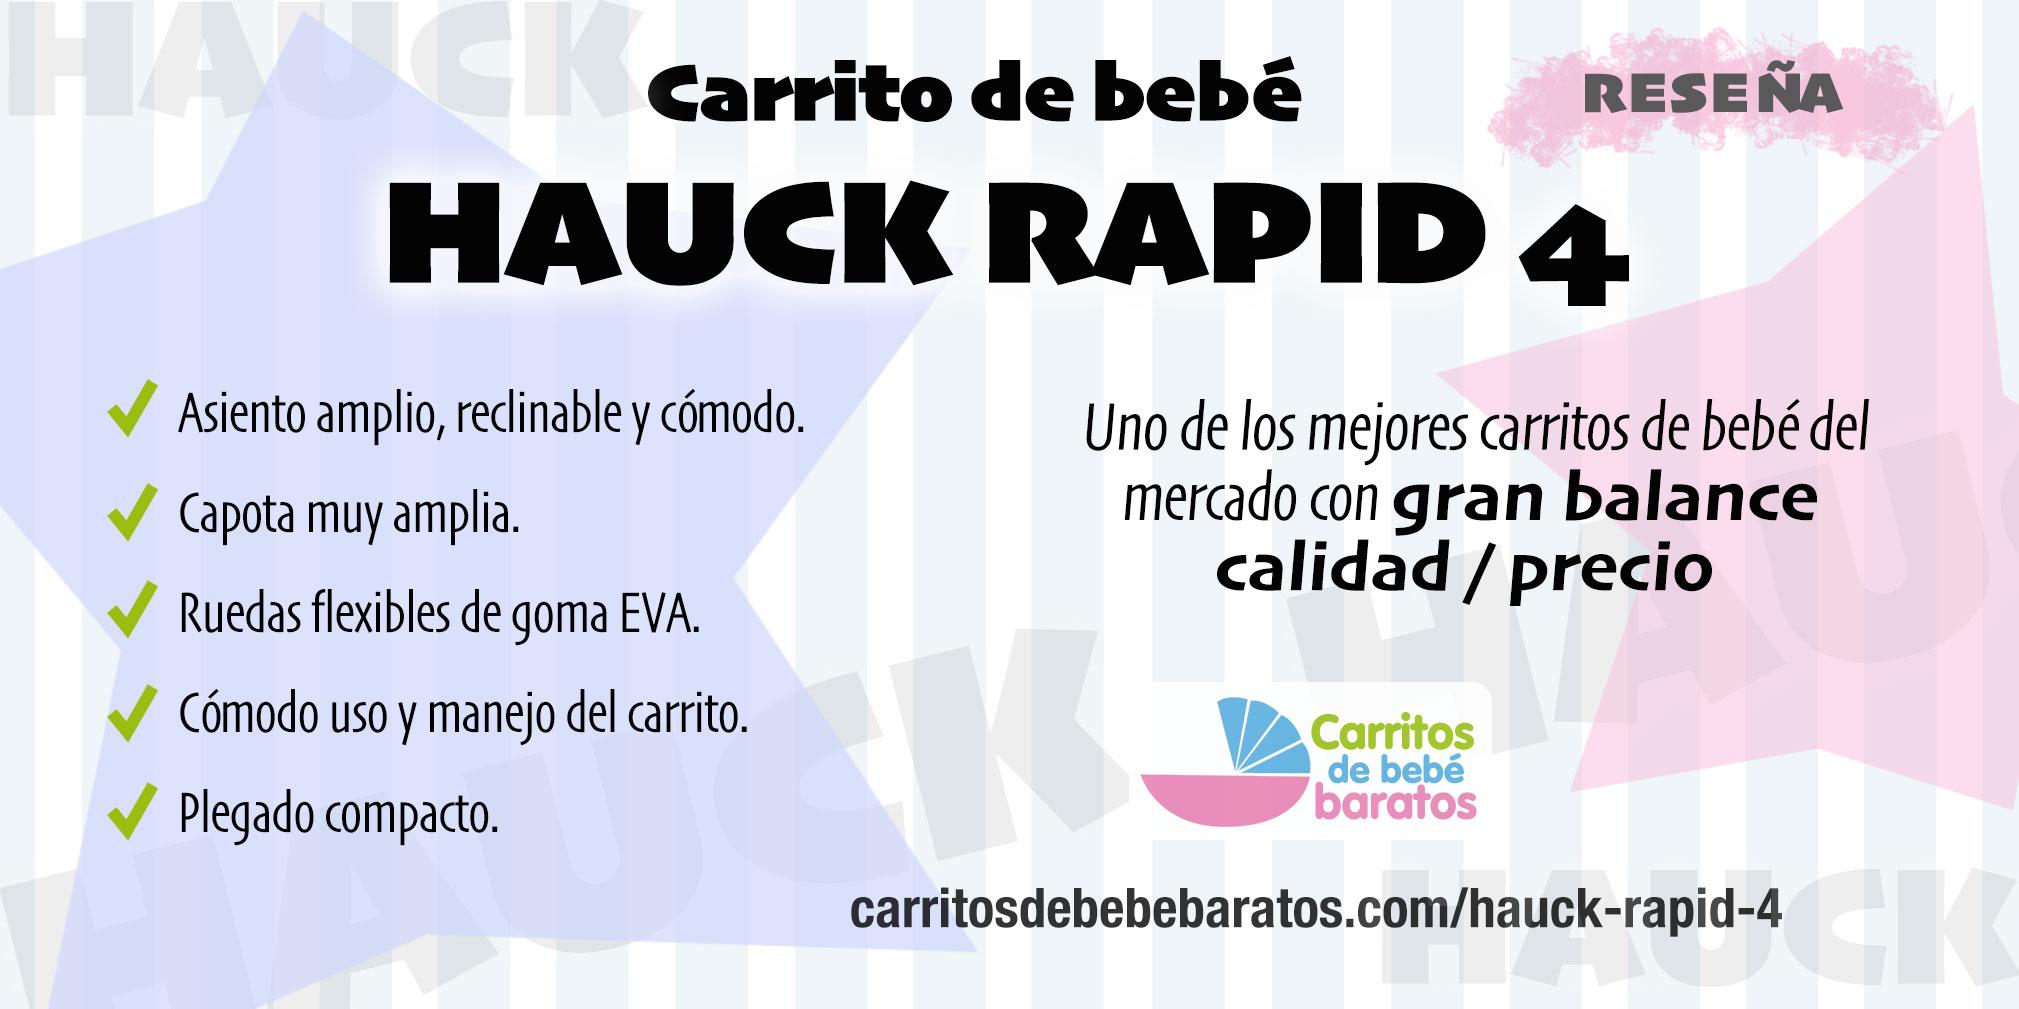 Carrito de bebé Hauck Rapid 4